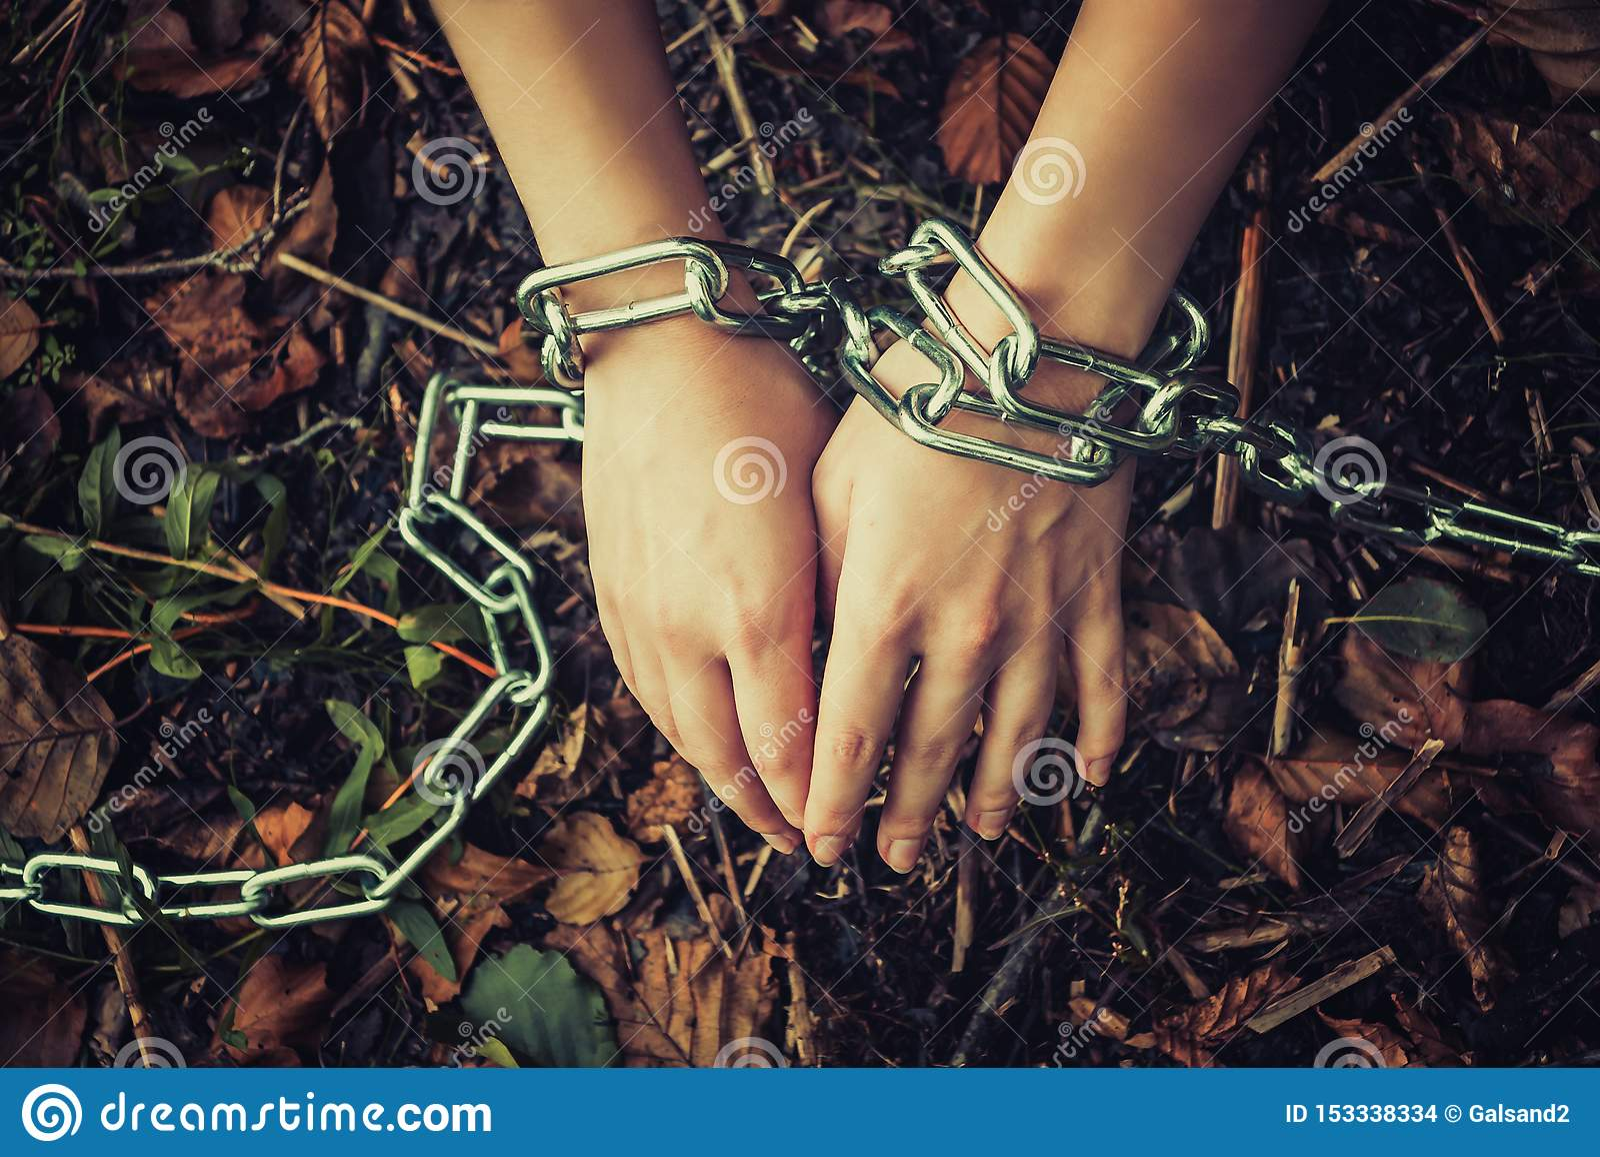 Die Hände der Frauen ketteten in einem dunklen Wald - das Konzept der Gewalttätigkeit, Geisel, Sklaverei an